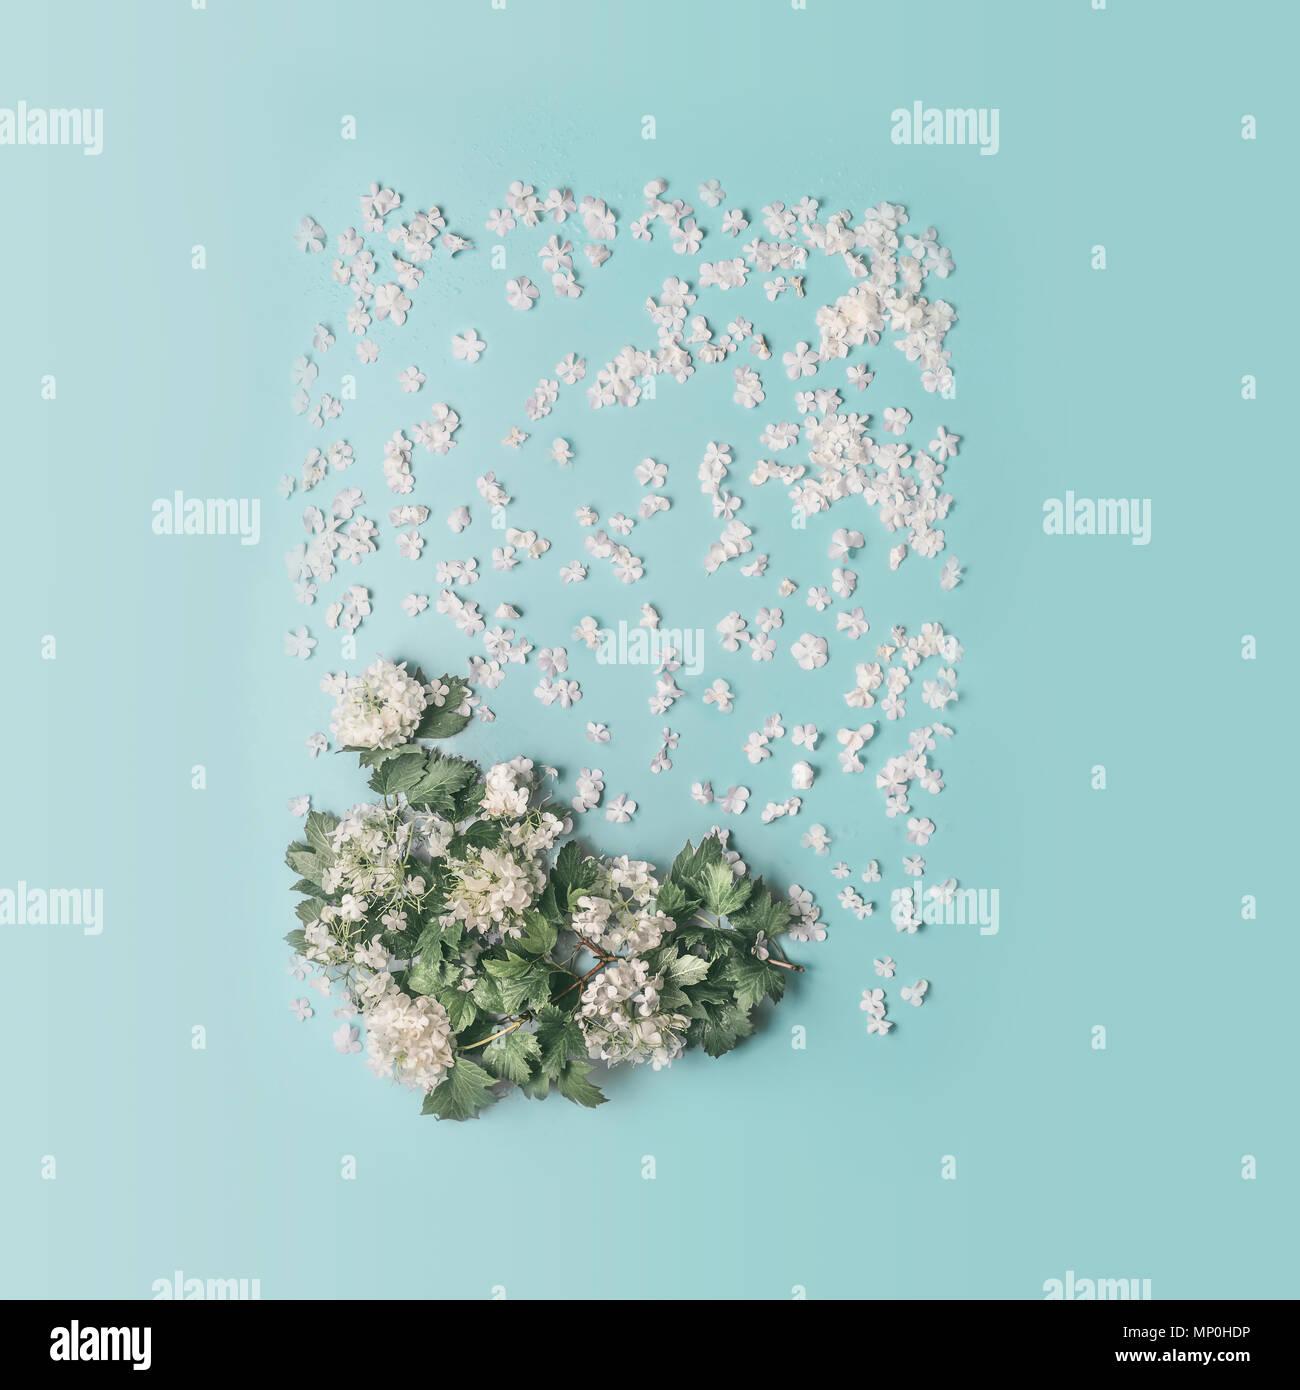 Kreative Florale Layout Mit Weissen Blumen Und Bluten Fruhjahr